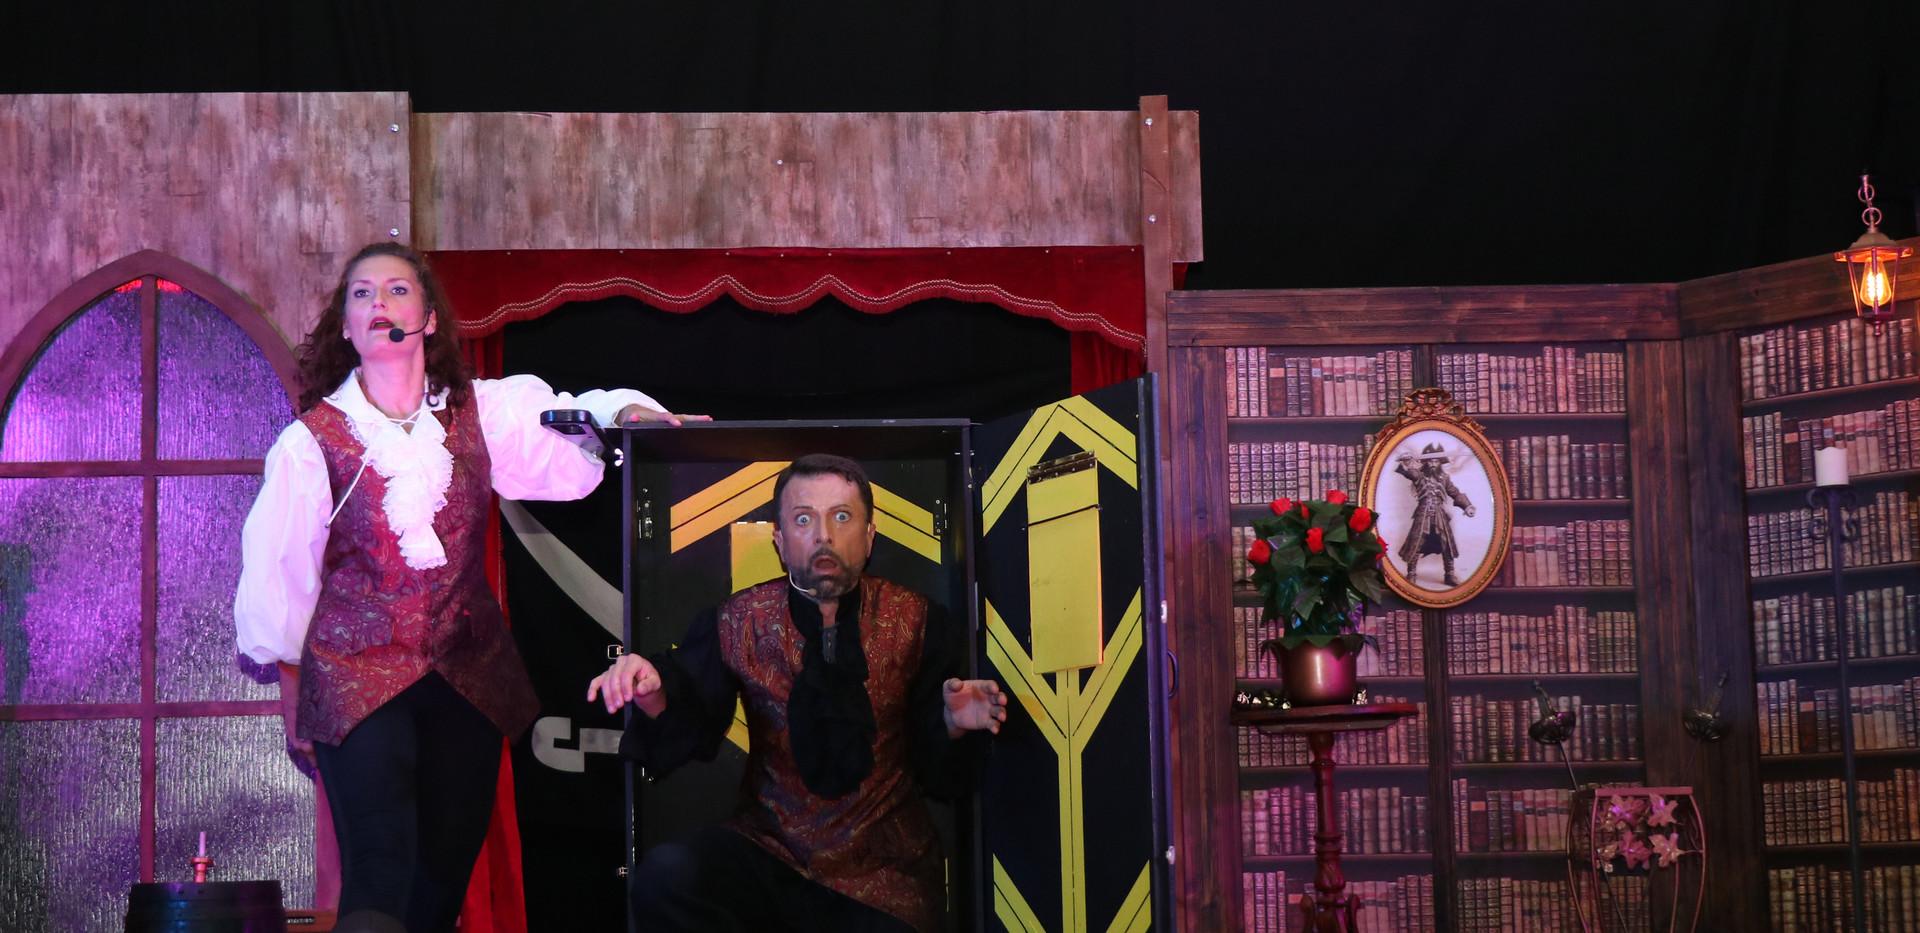 le magicien dans la boîte